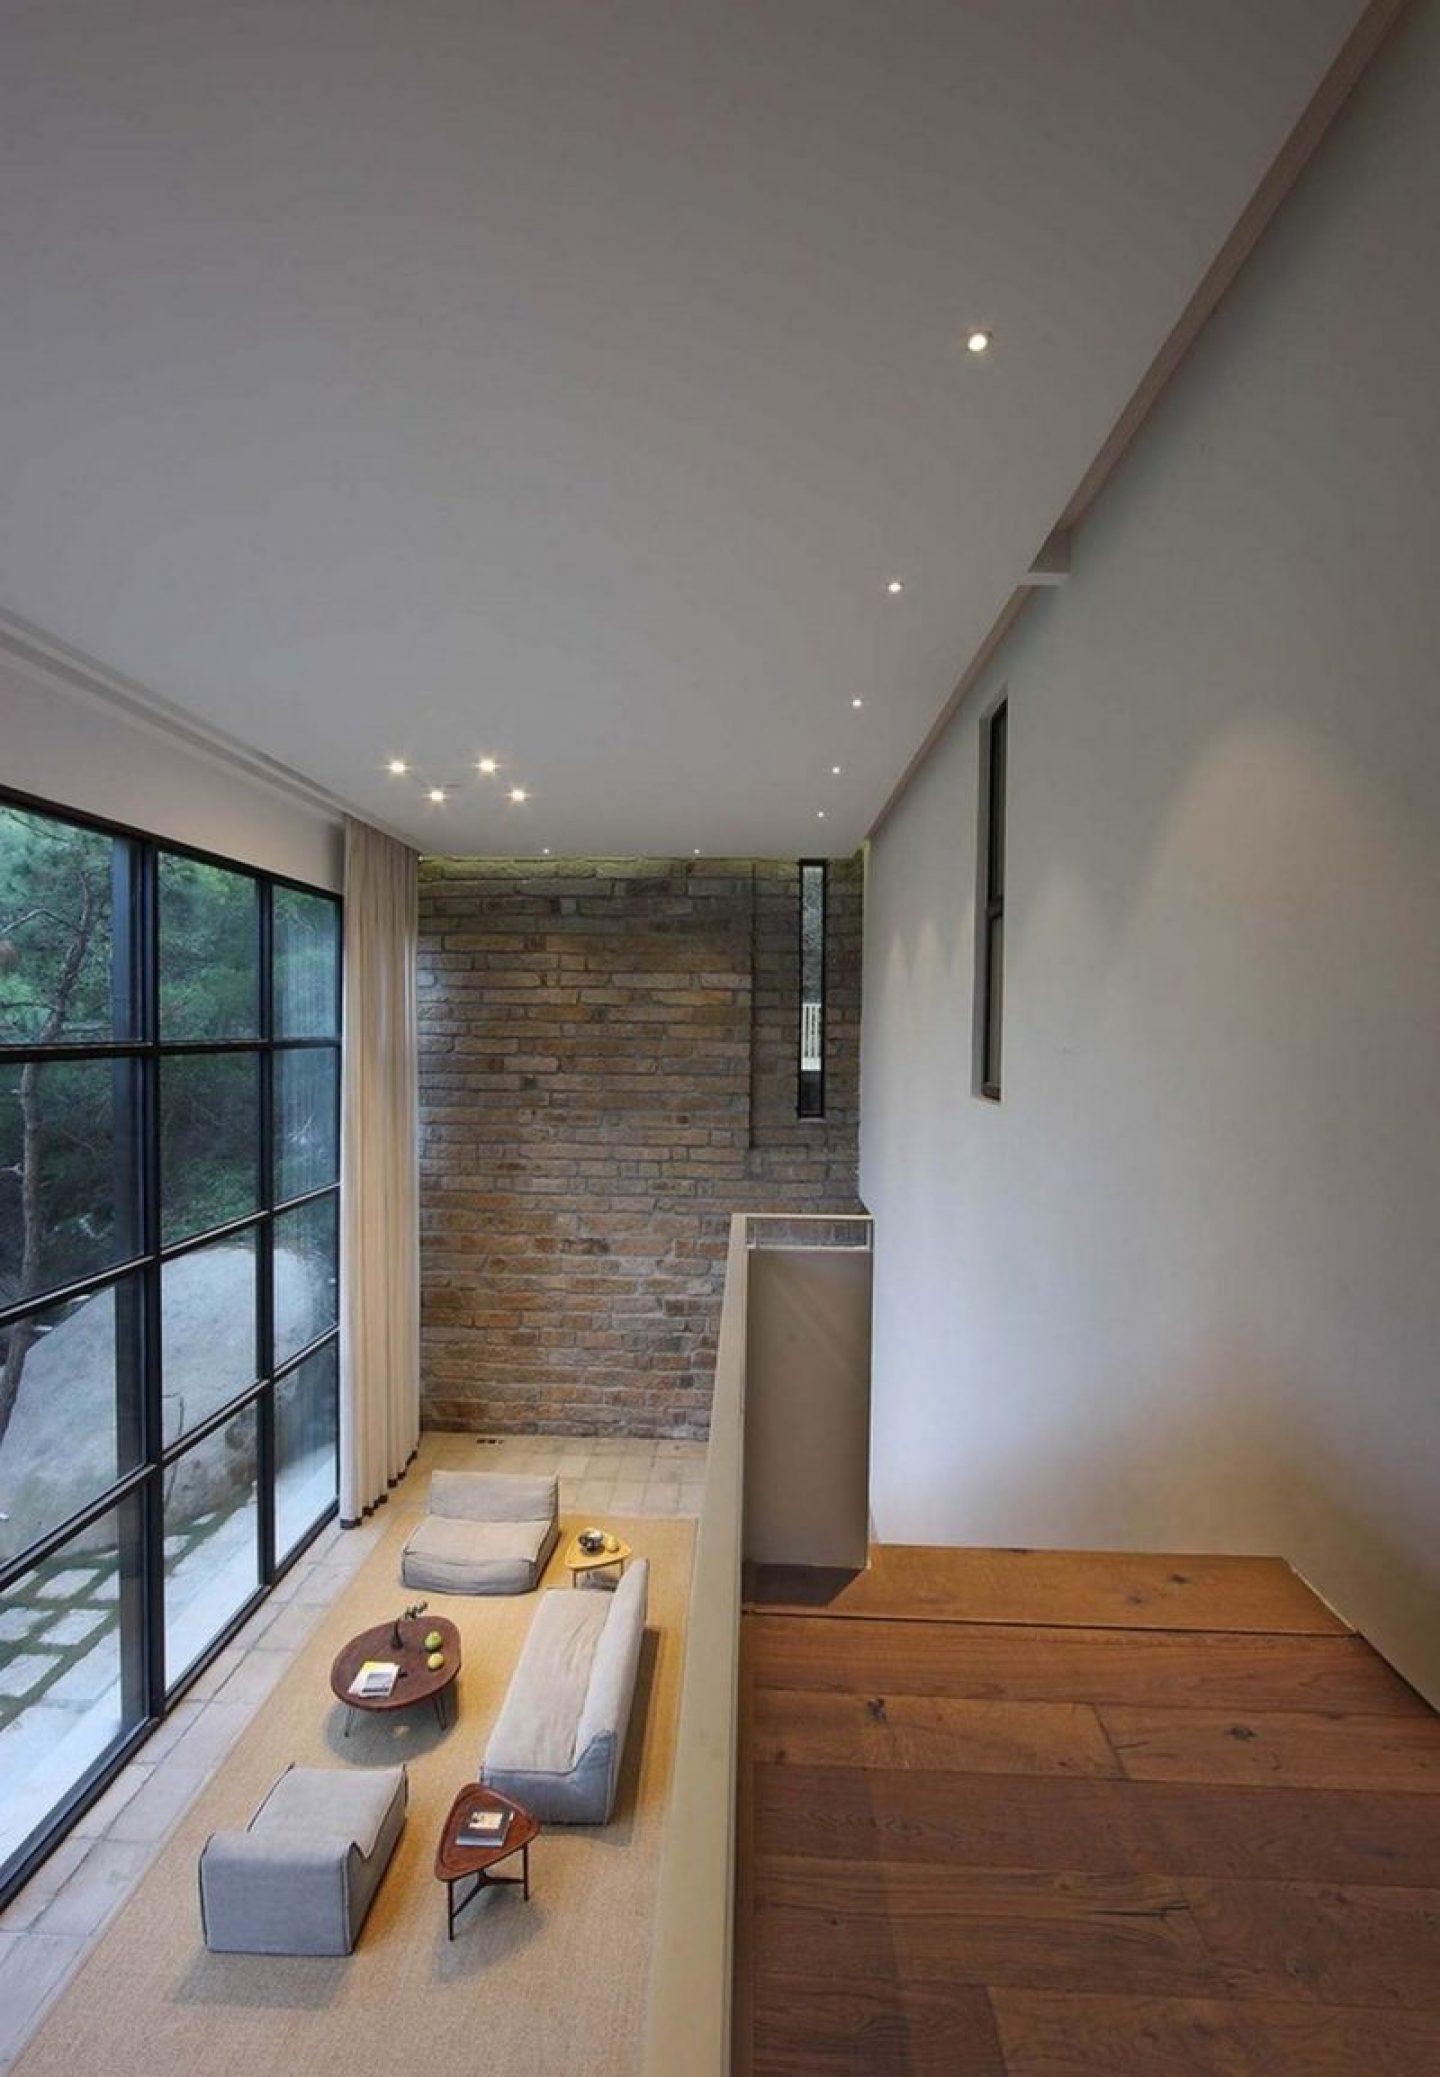 fmx_interior_design (6)